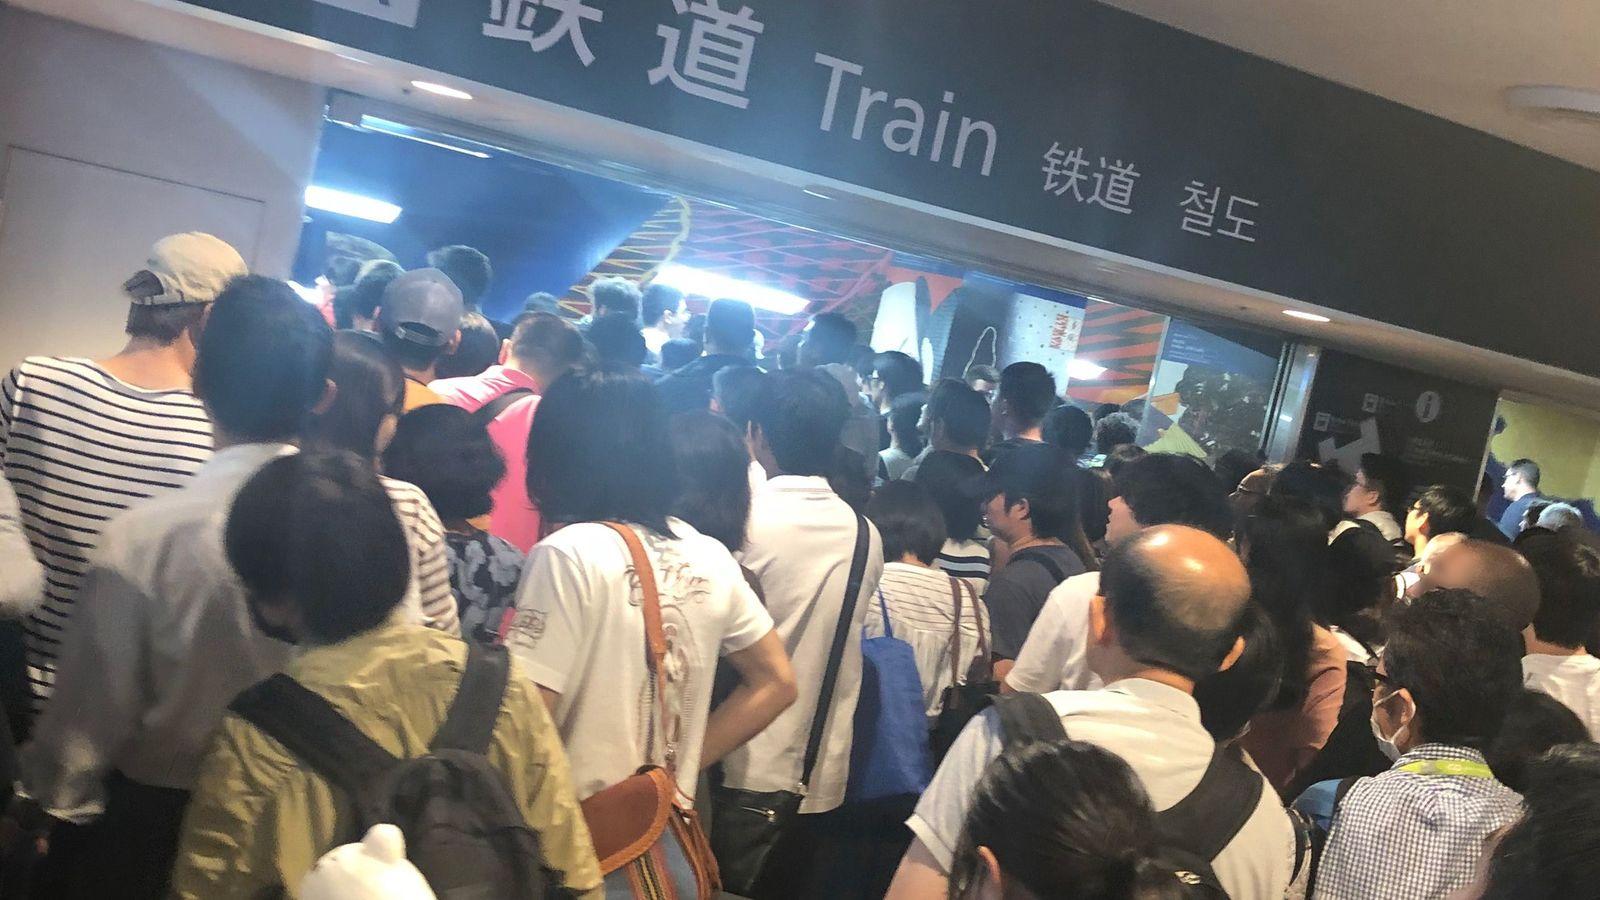 女子大生が1人でも安心して眠れた「成田の夜」 「空港の職員さんは本当にえらいね」